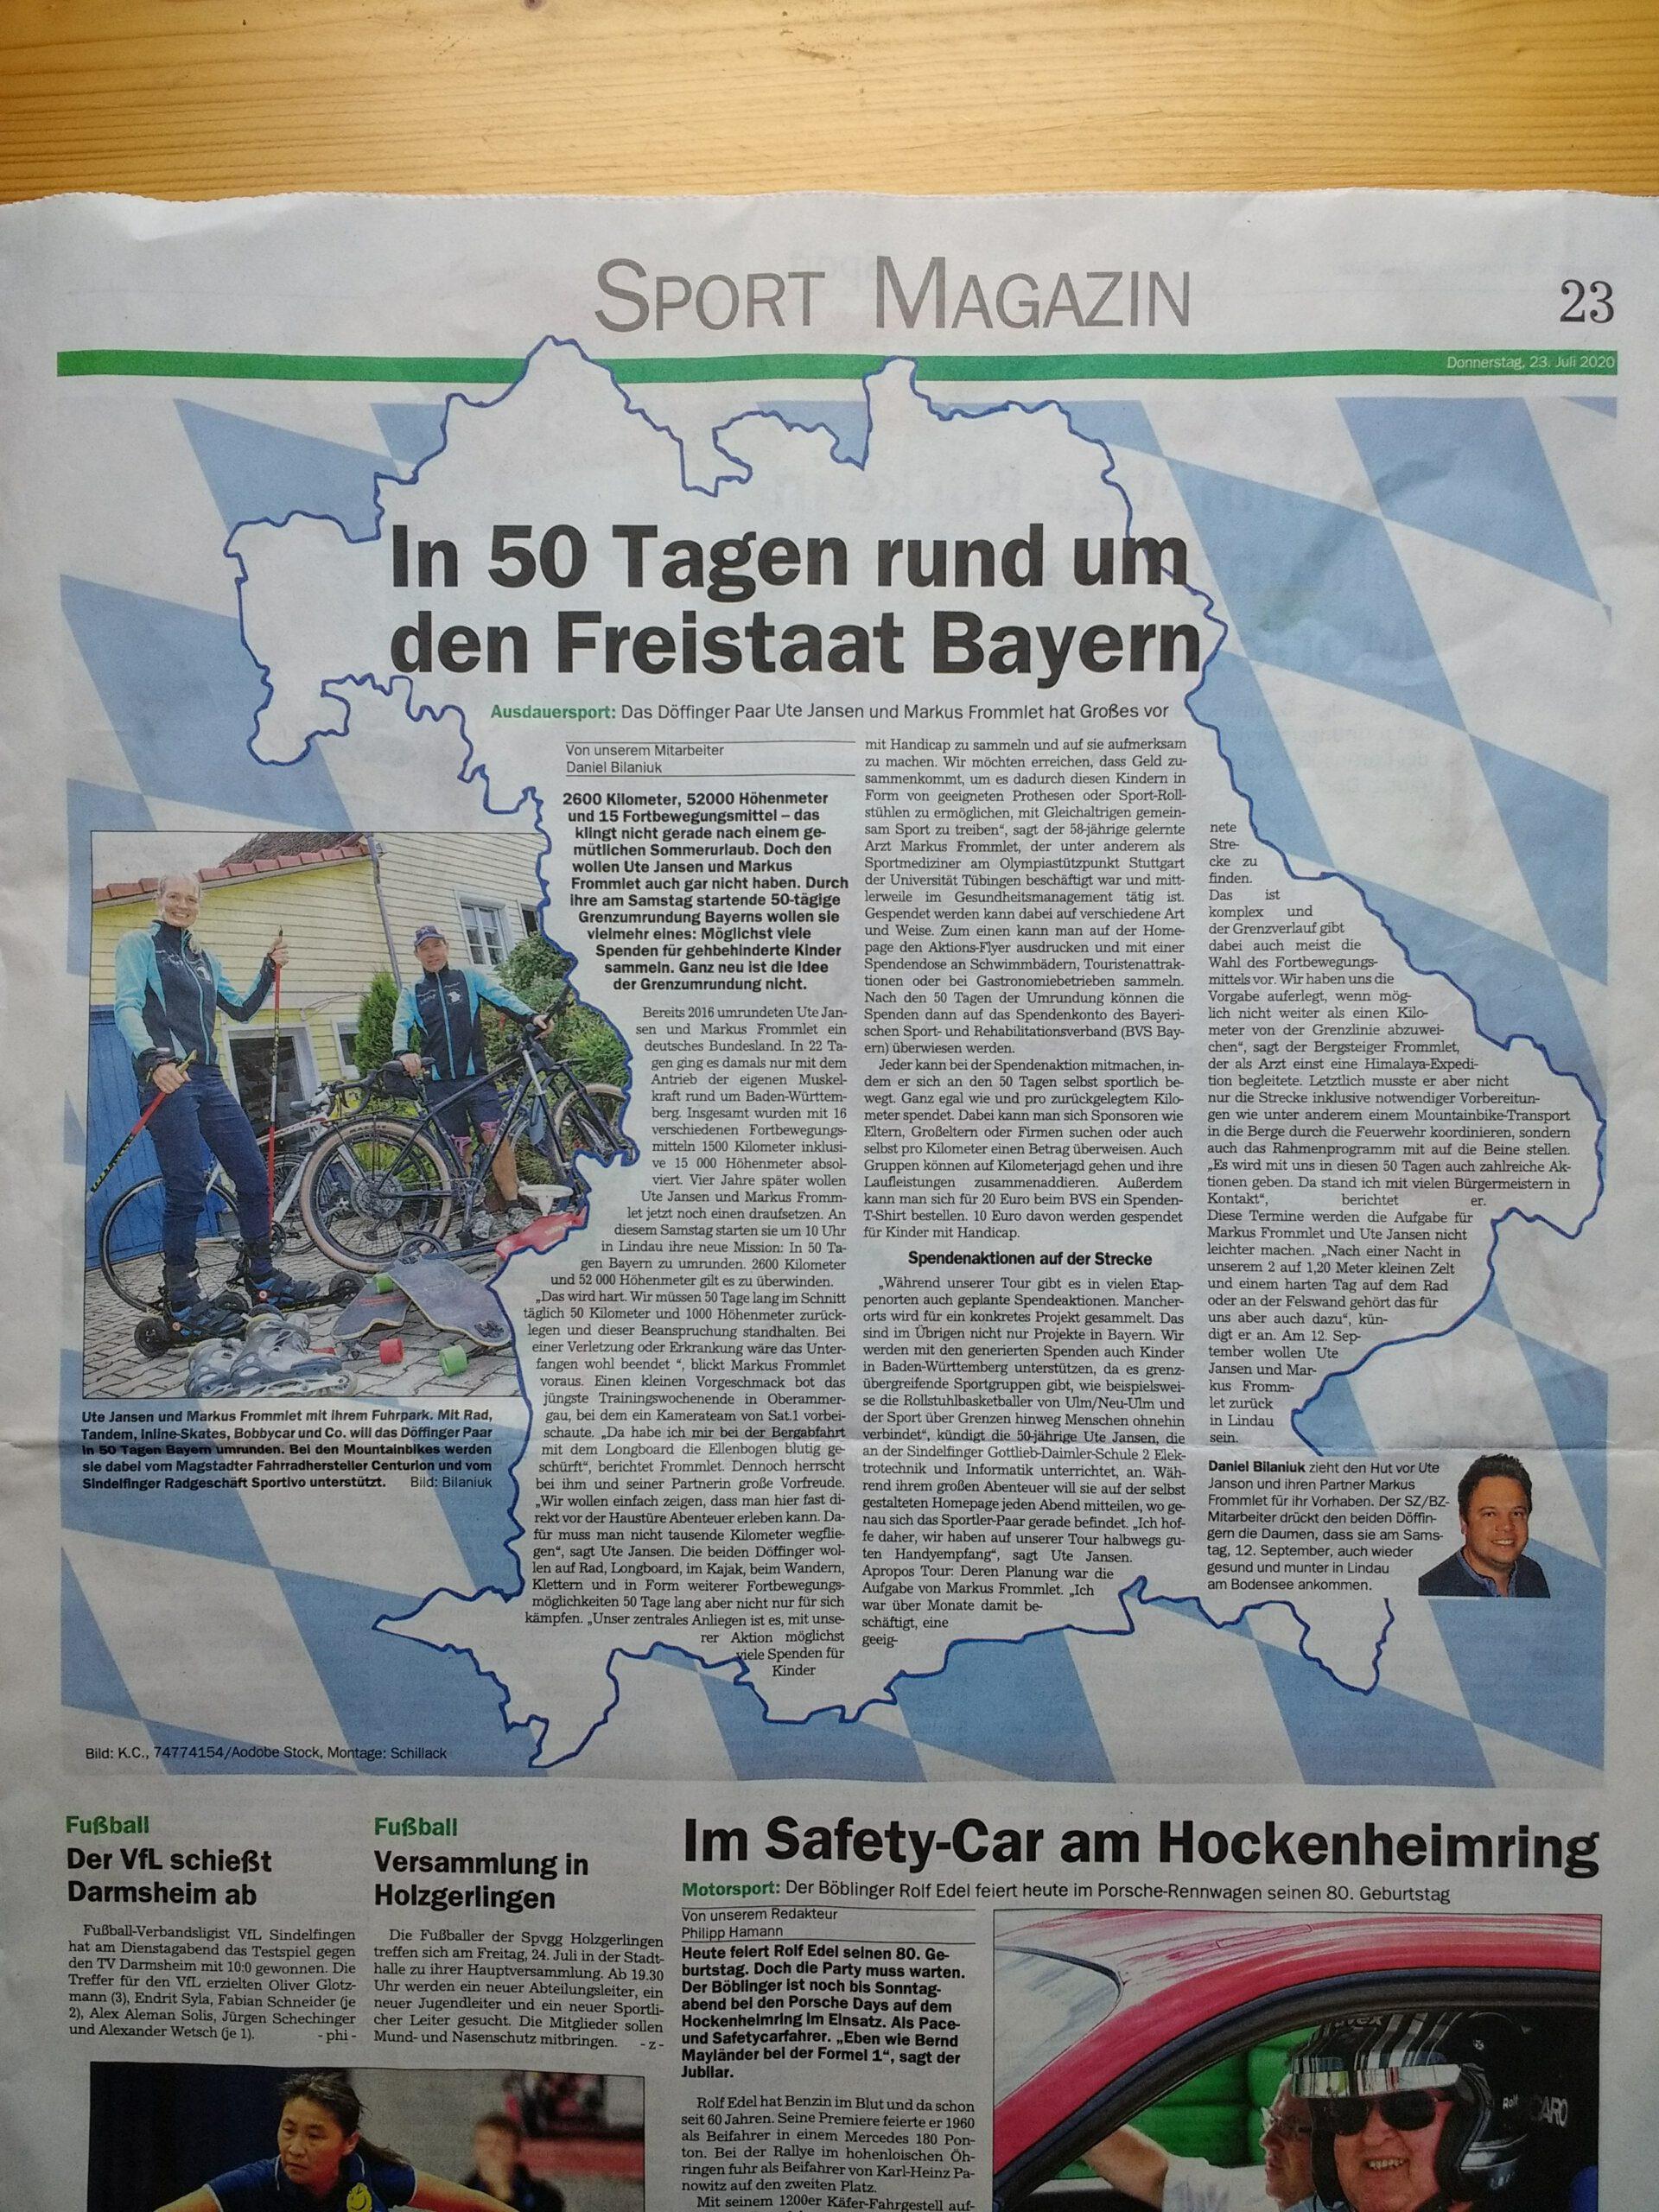 Artikel Sindelfinger Zeitung zur Grenzumrundung Bayerns